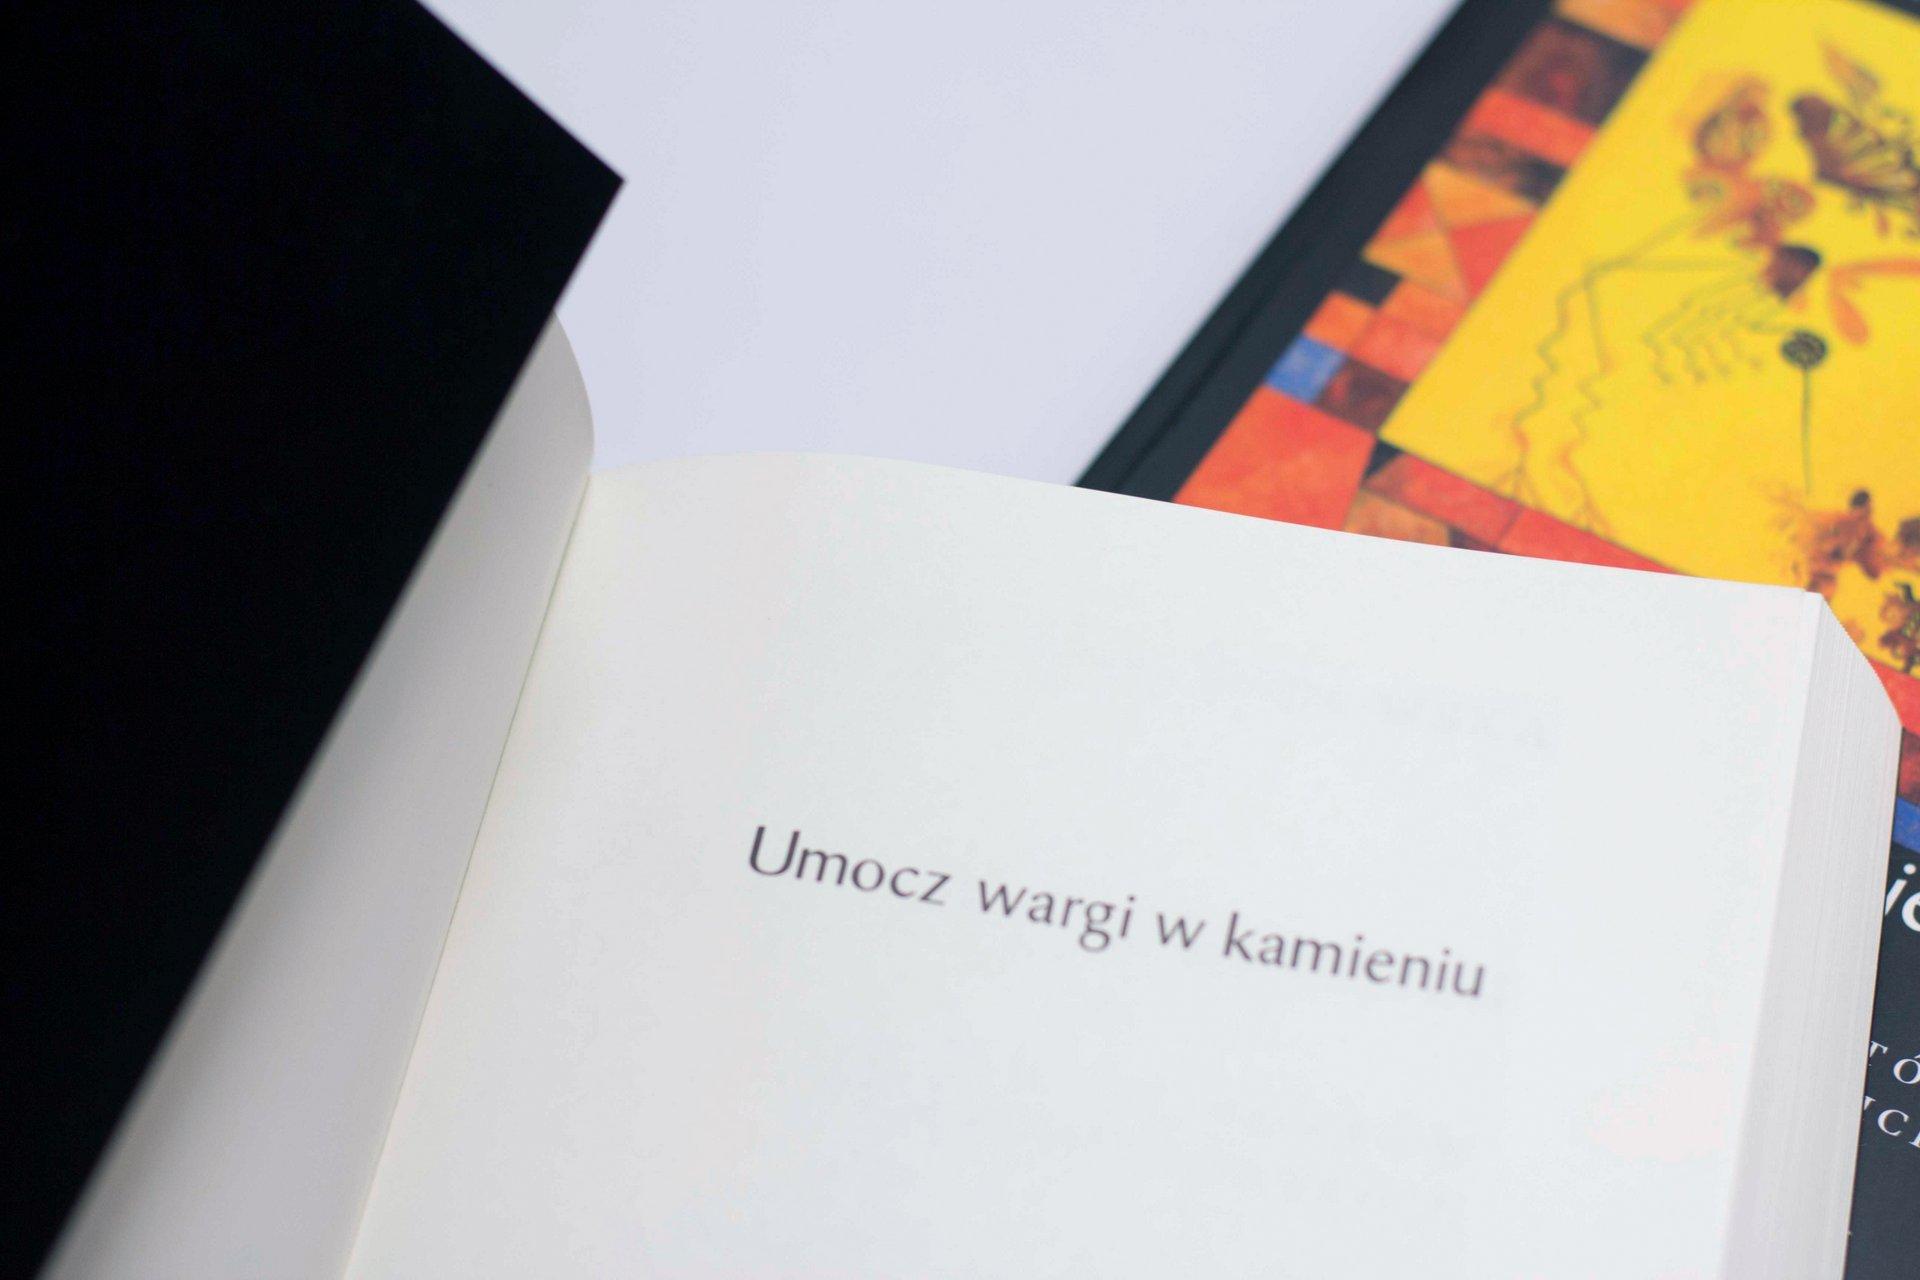 Umocz Wargi W Kamieniu Miękka Oprawa Biuro Literackie